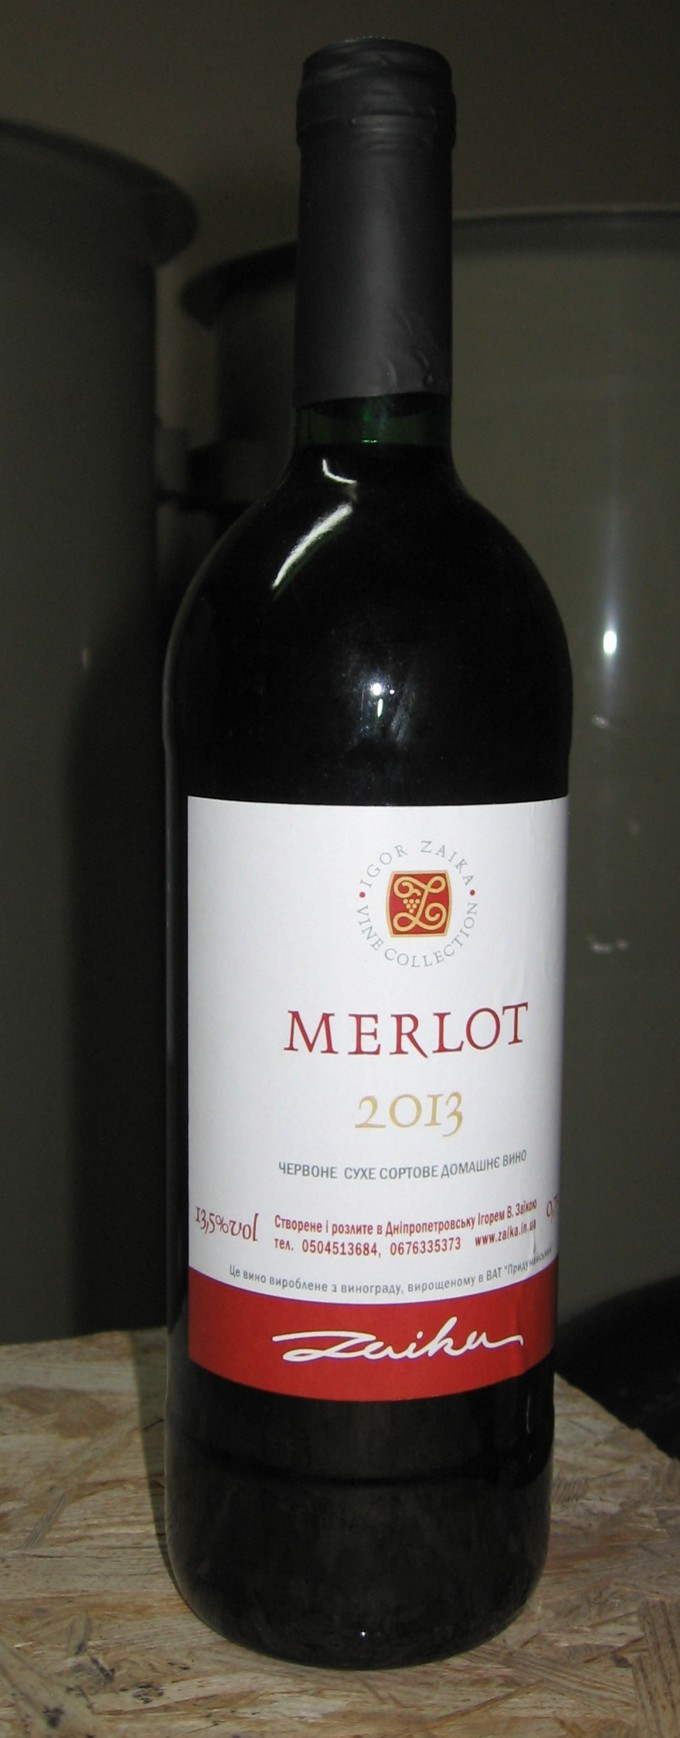 Merlot 2013